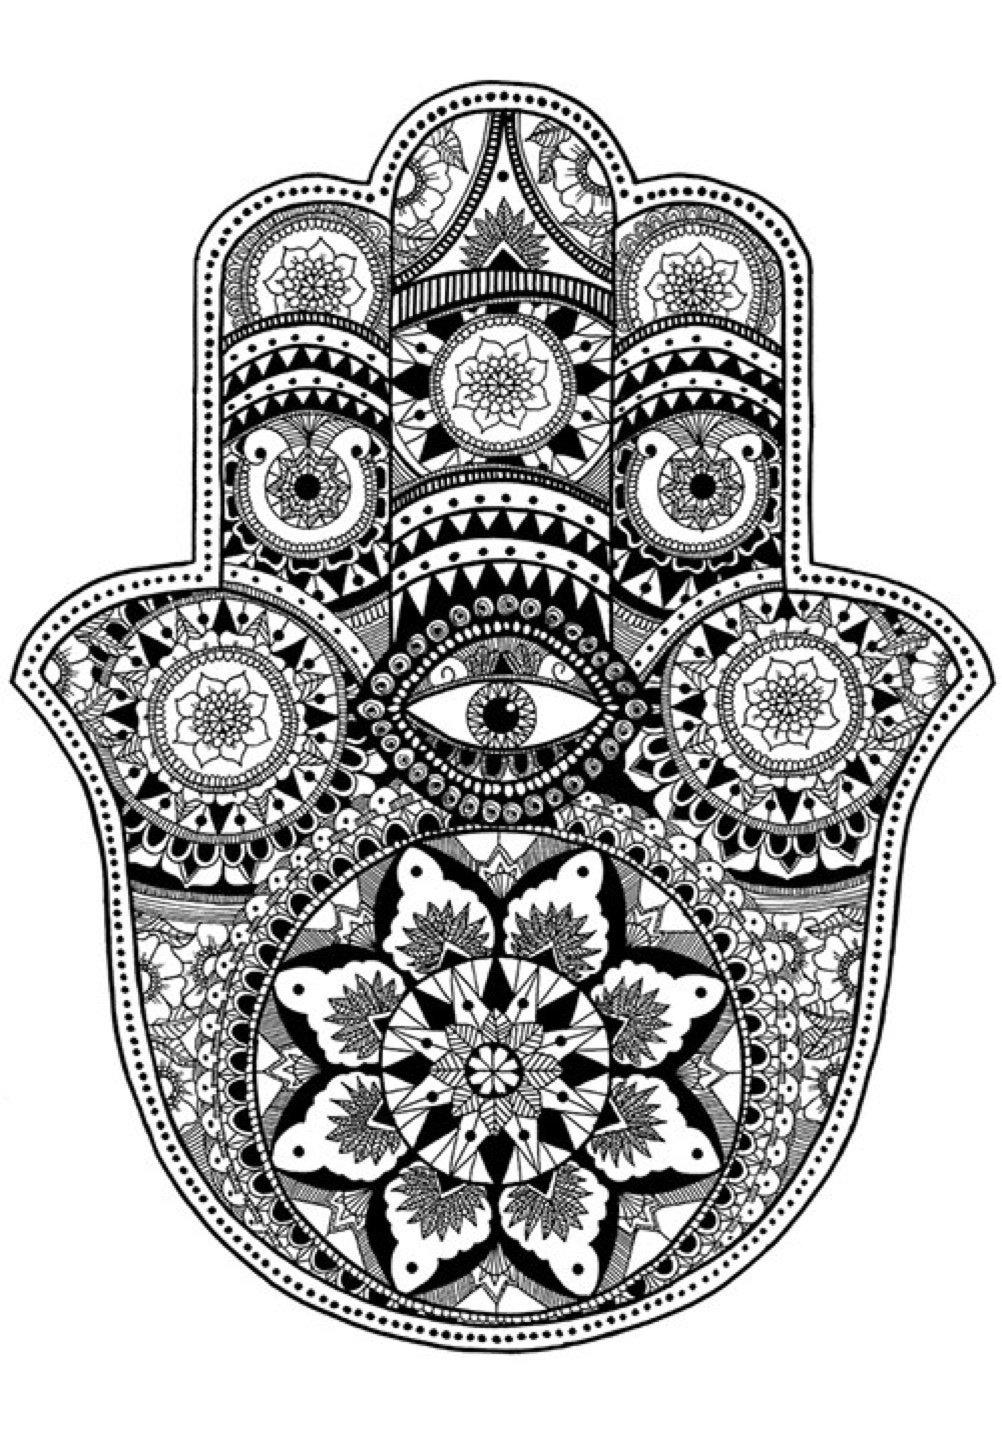 mano di fatima tattoo  mano-di-fatima-tattoo-FILEminimizer